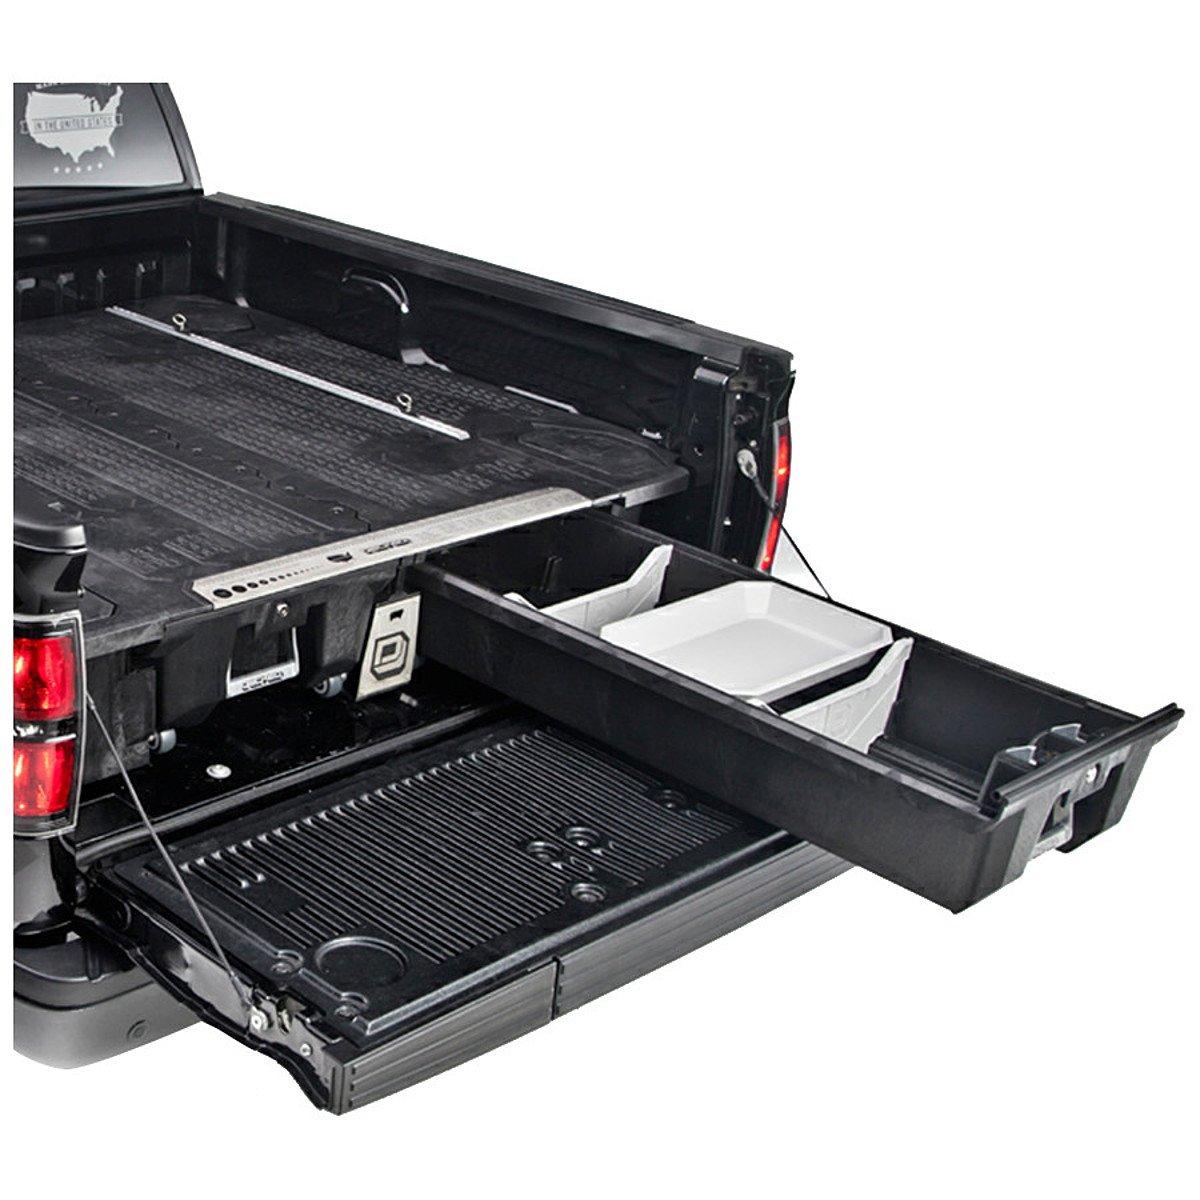 Decked Bed Organizer DT1 Truck Bed Organizer